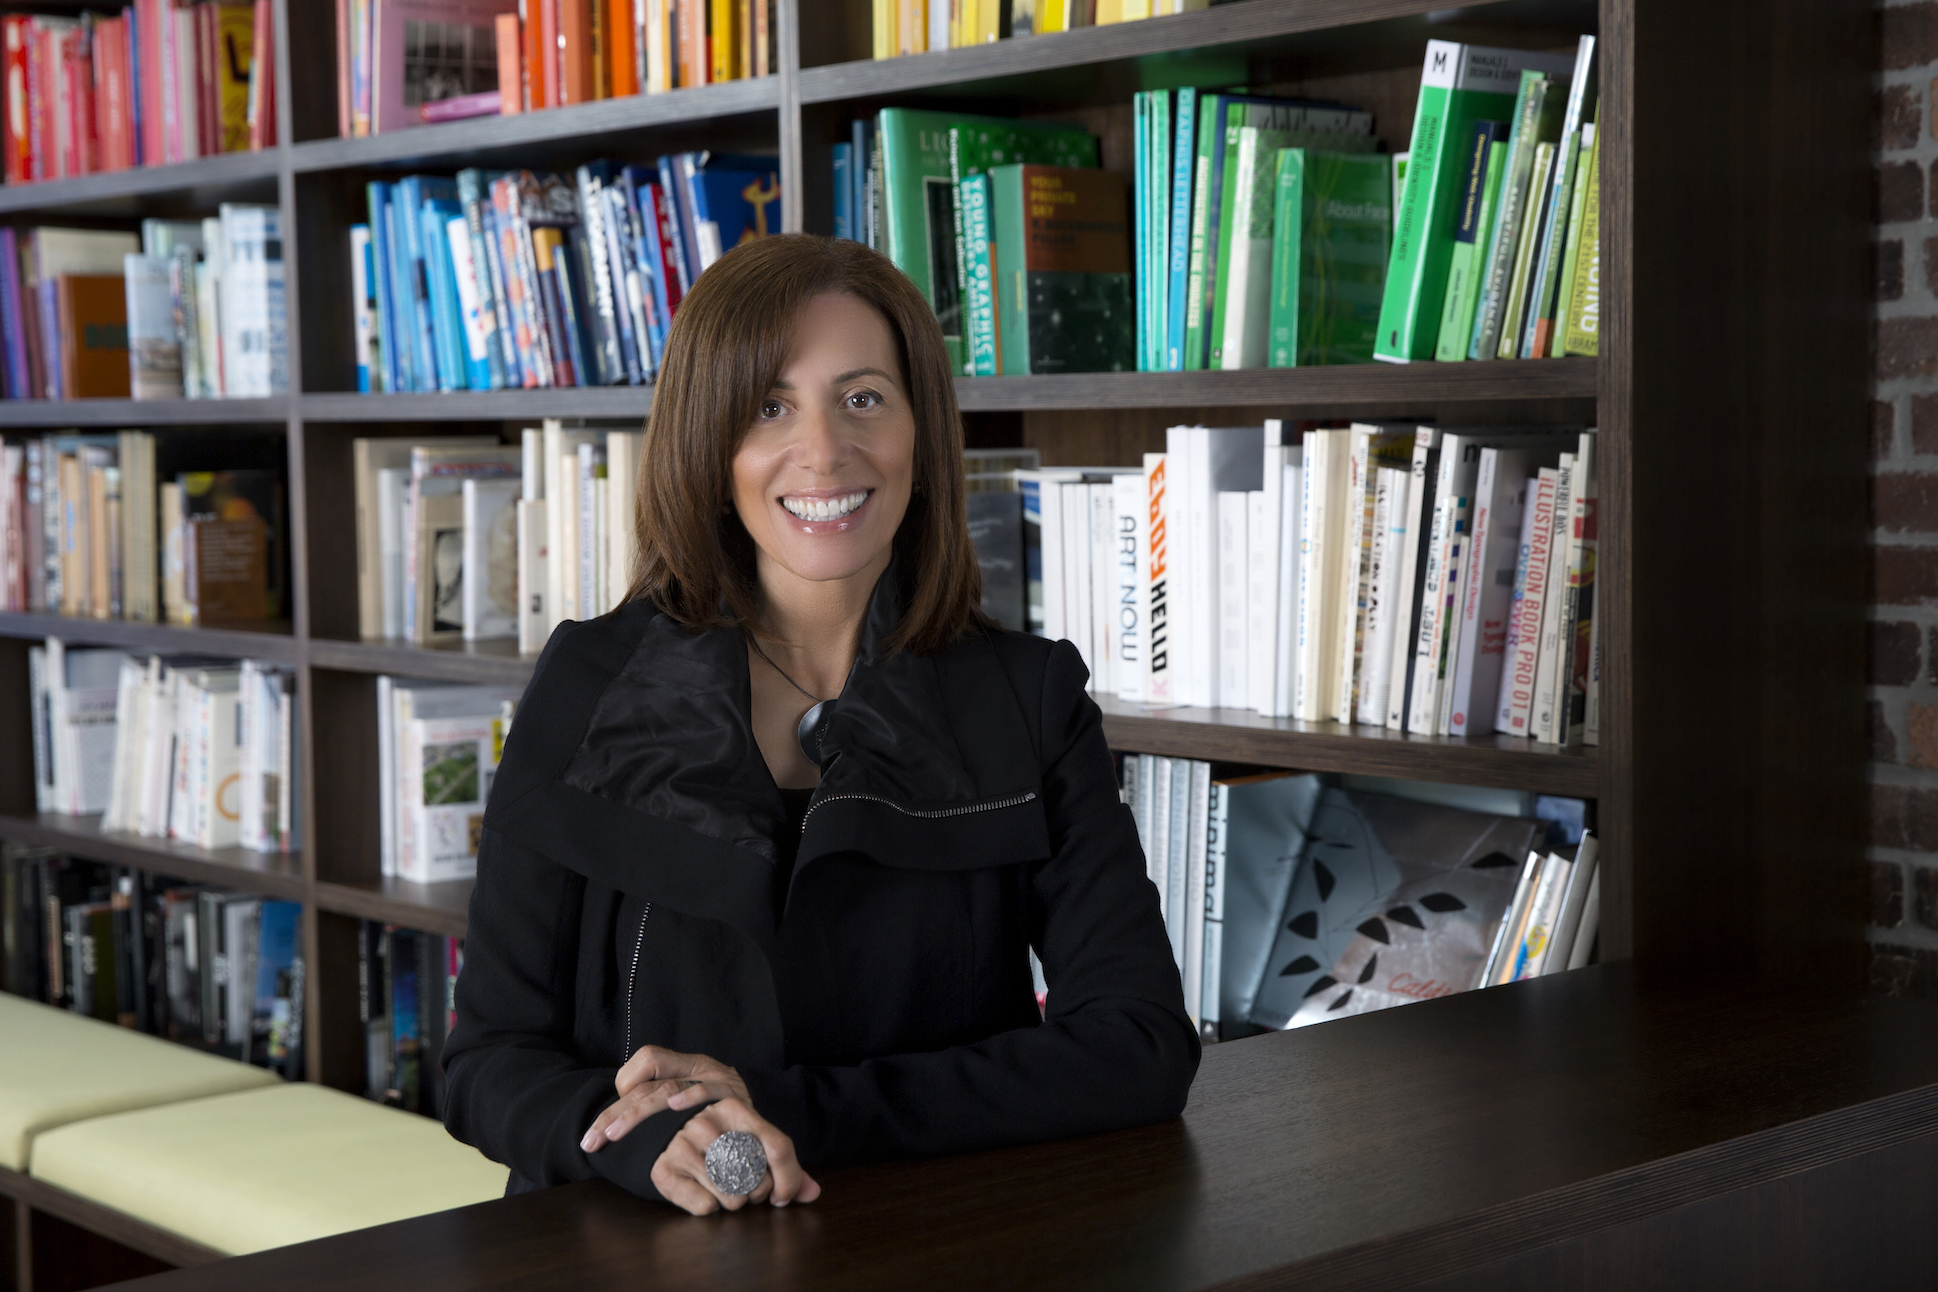 Adobe's Ann Lewnes